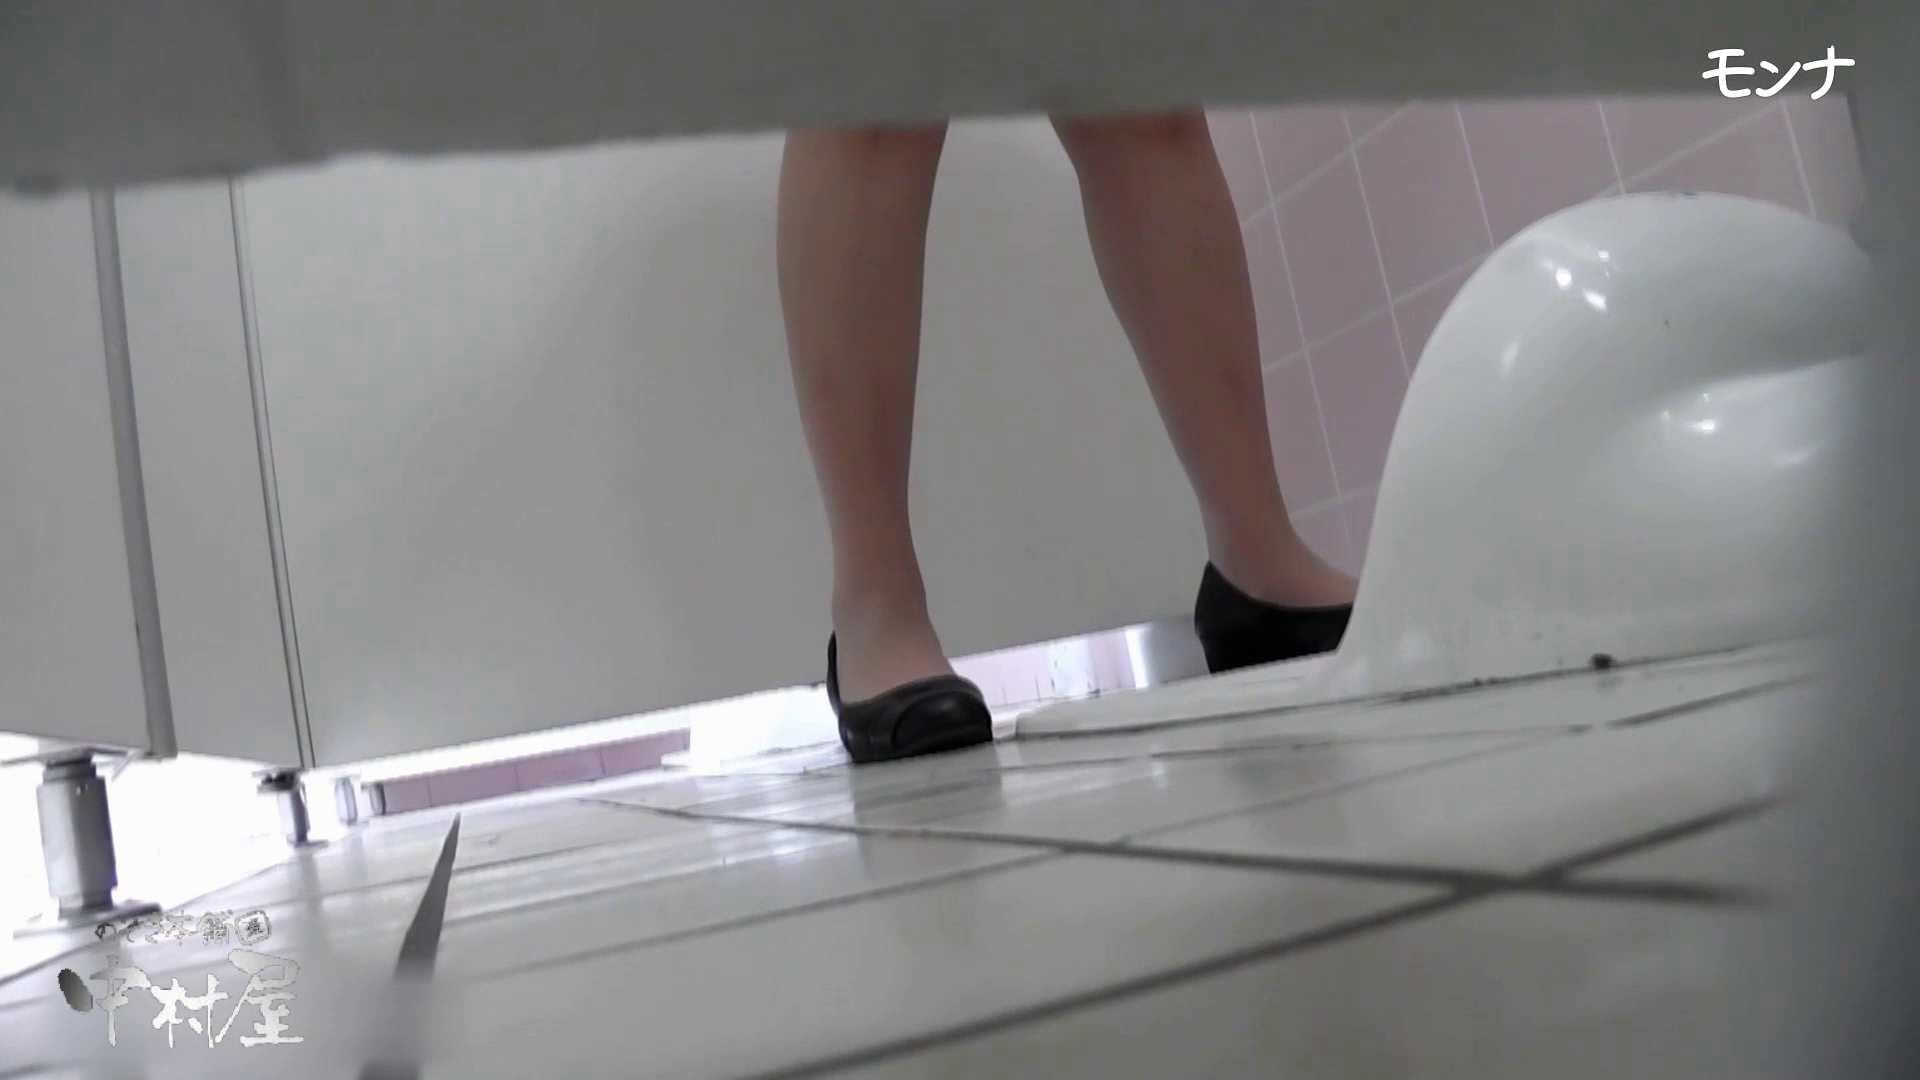 【美しい日本の未来】美しい日本の未来 No.69 ひやっと!終始15cmのしらすを垂らしながら・・・ 厠や ぱこり動画紹介 85枚